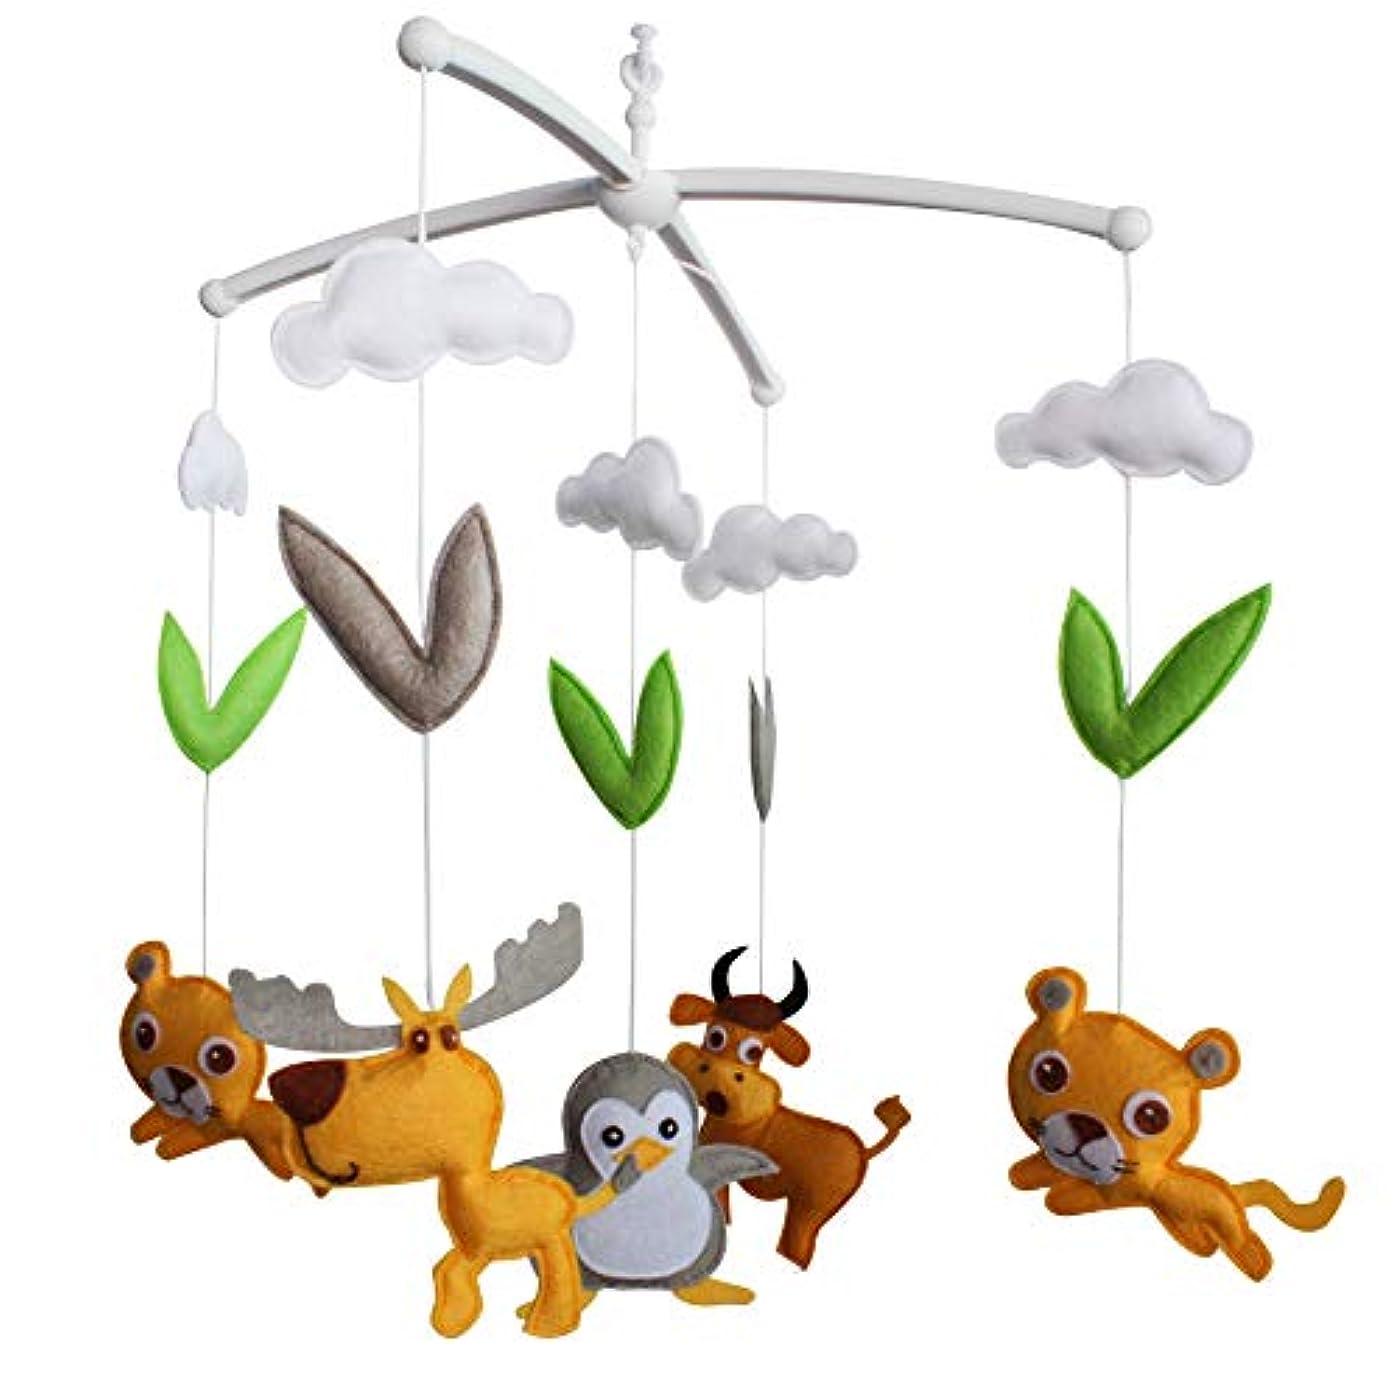 リクルート南アメリカマチュピチュかわいい動物ベビーベッドの装飾ベビーベッドデコレーション新生児ギフト不織布ミュージカルモバイル